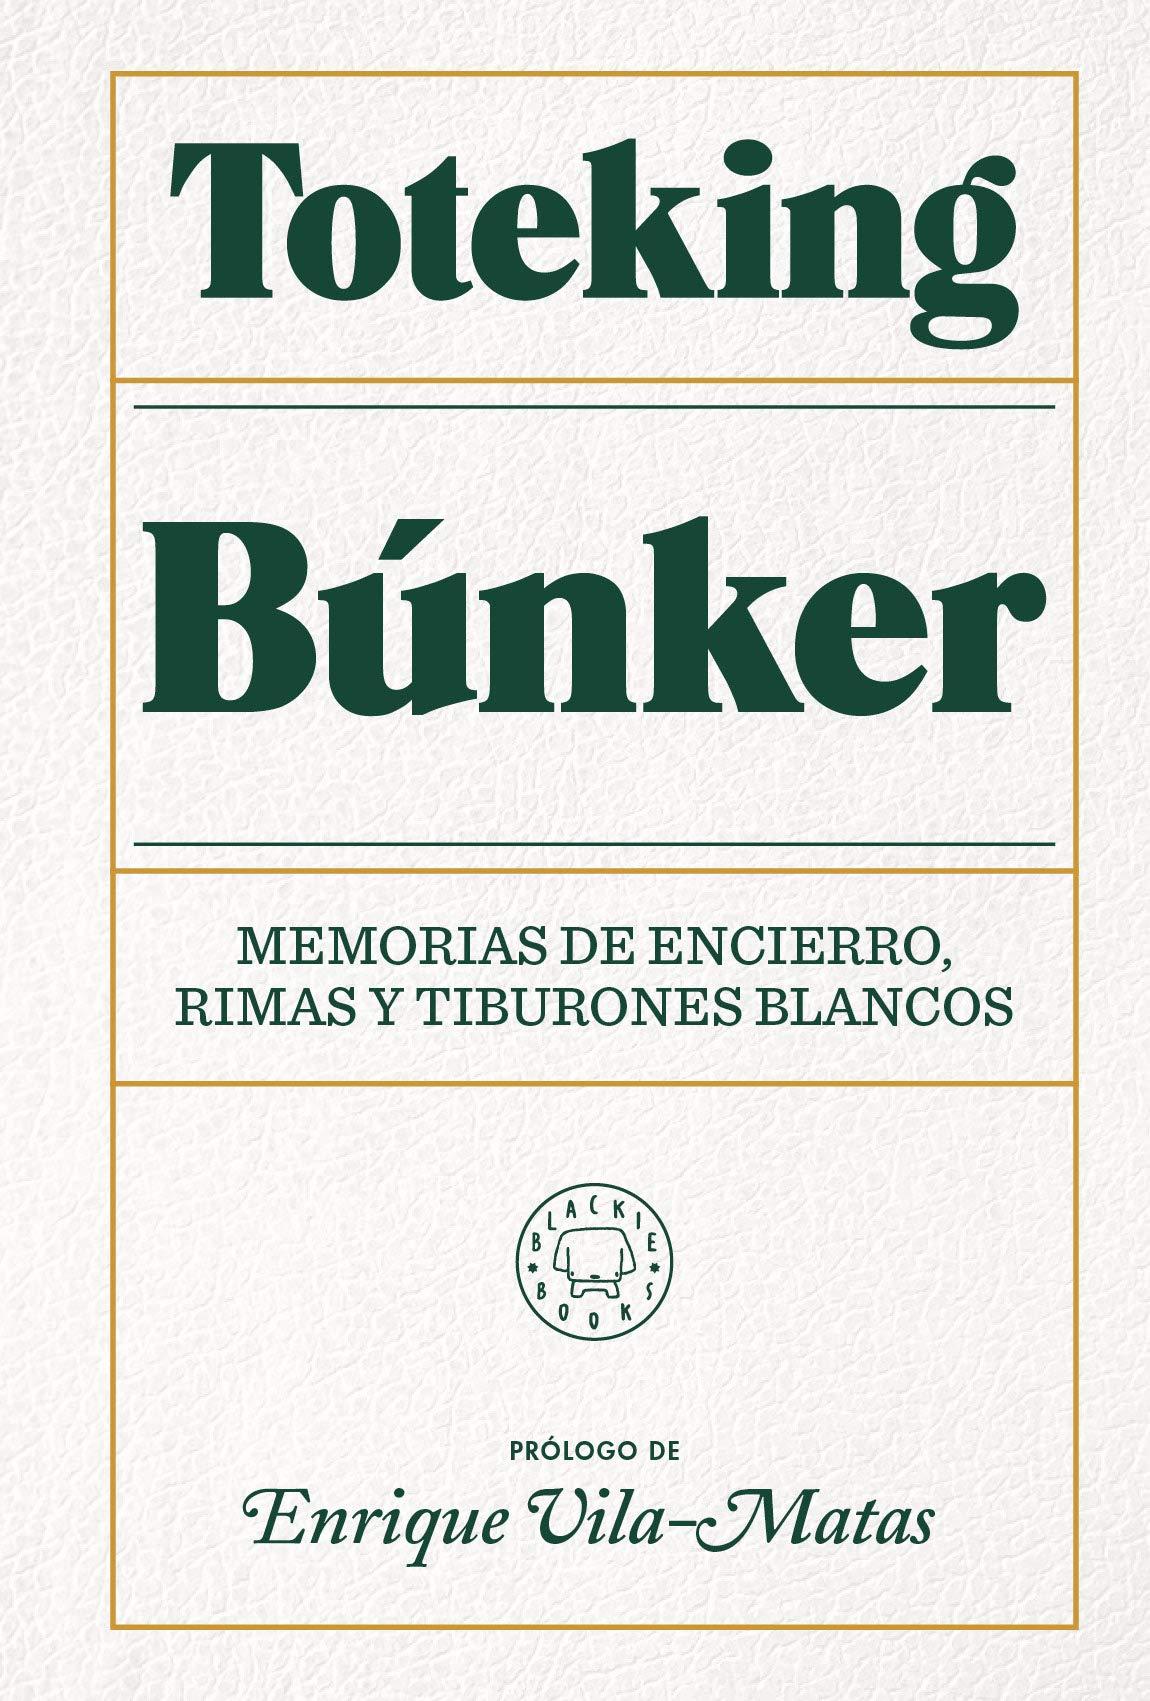 Búnker: Memorias de encierro, rimas y tiburones blanco